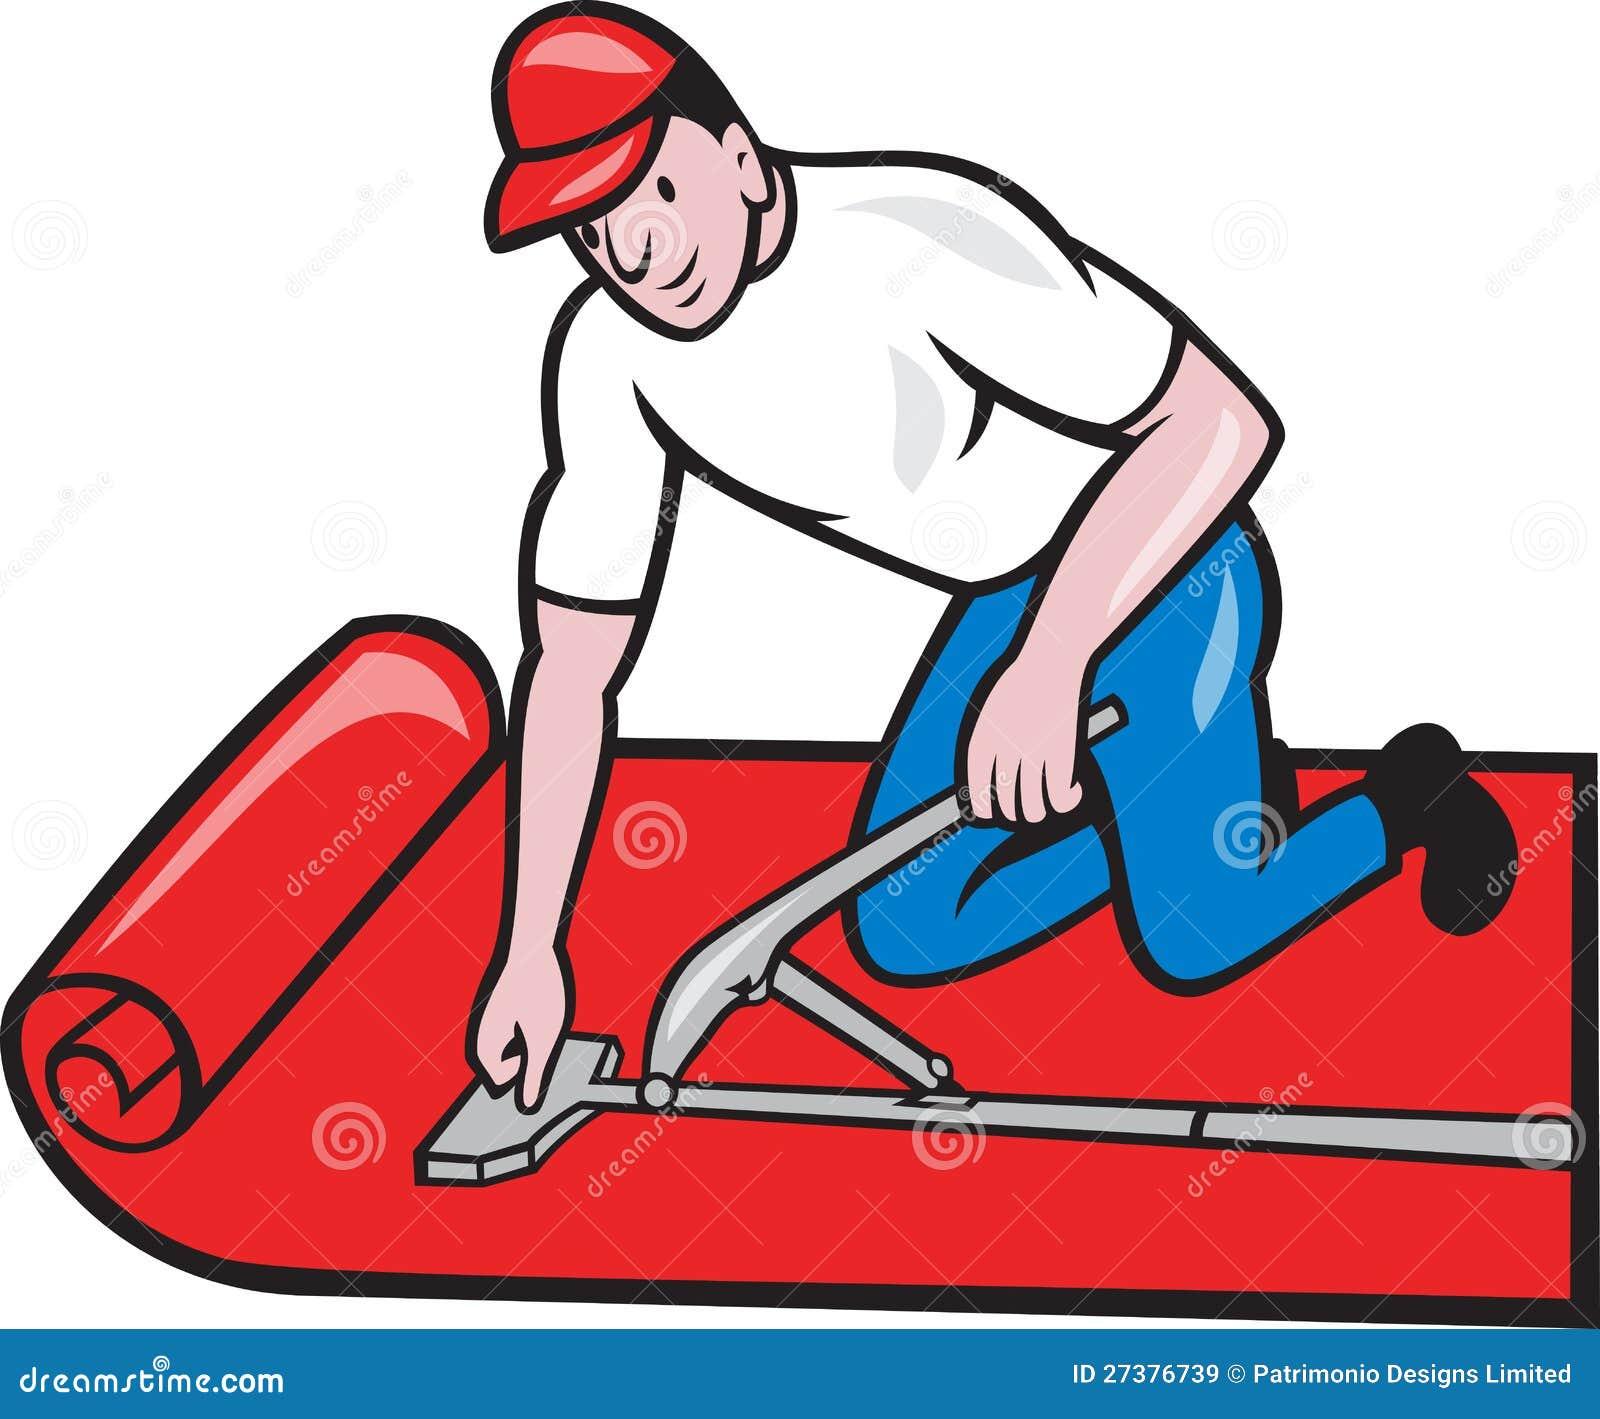 Carpet layer fitter worker cartoon stock vector for Cartoon carpet